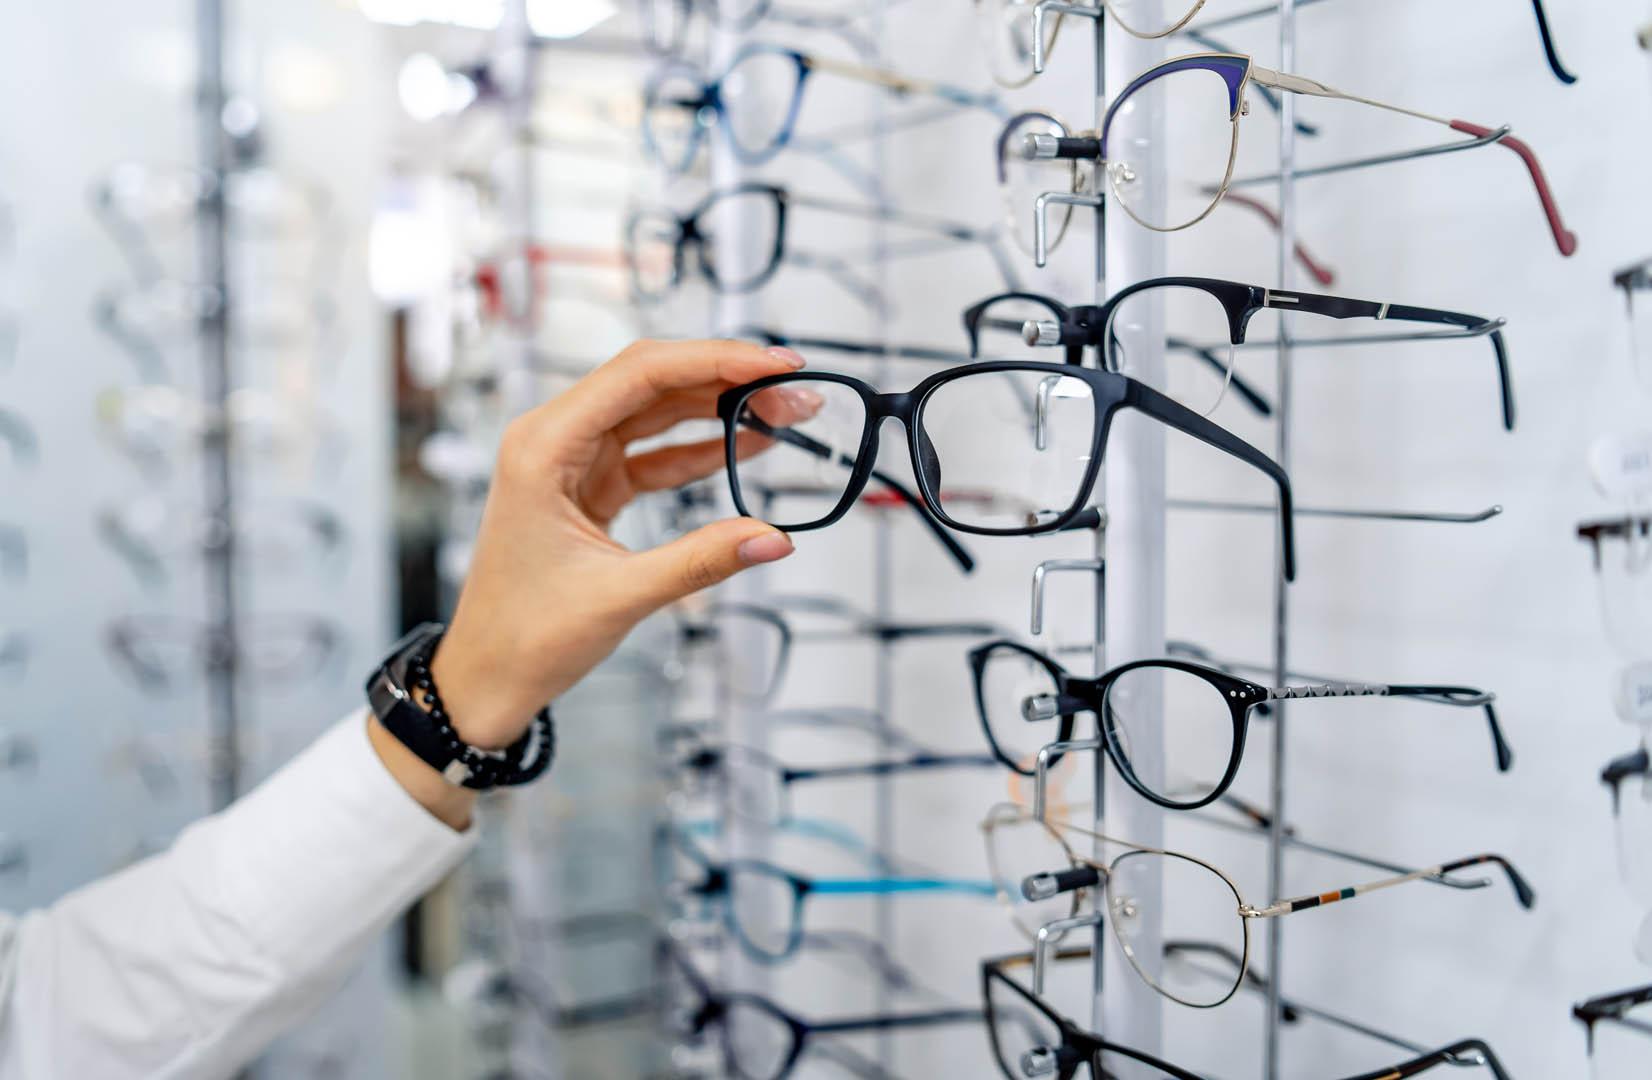 Bilde av en person som velger ut briller fra et brillestativ.